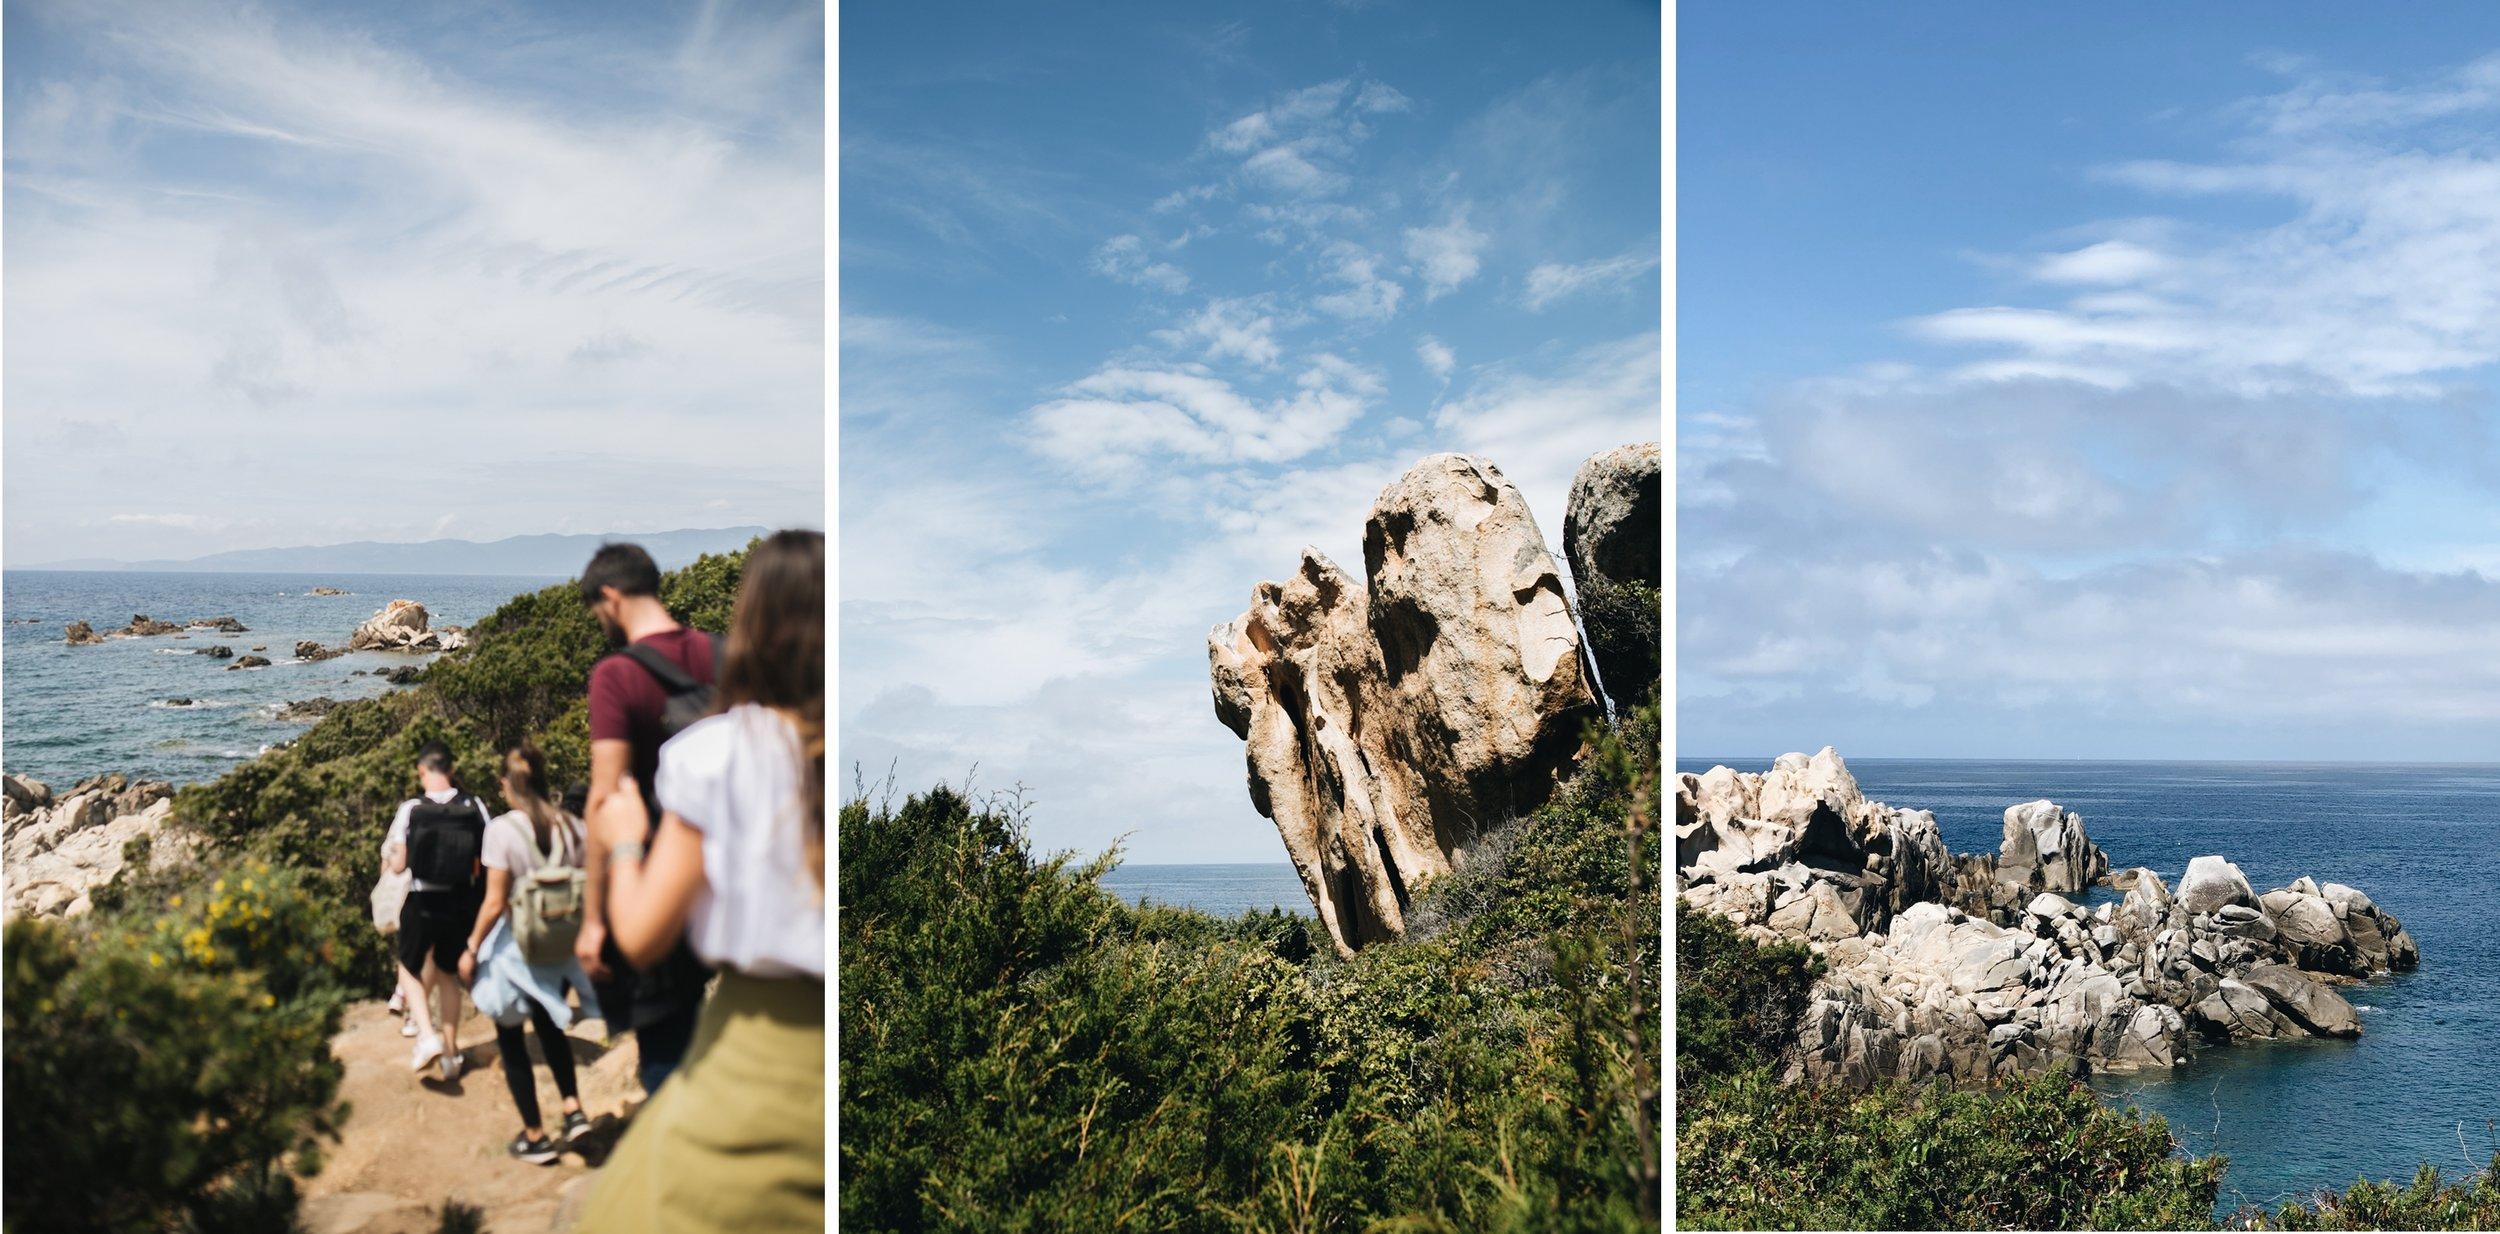 Campomoro-tour-sentier-littoral-propriano-corse-randonnee.jpg